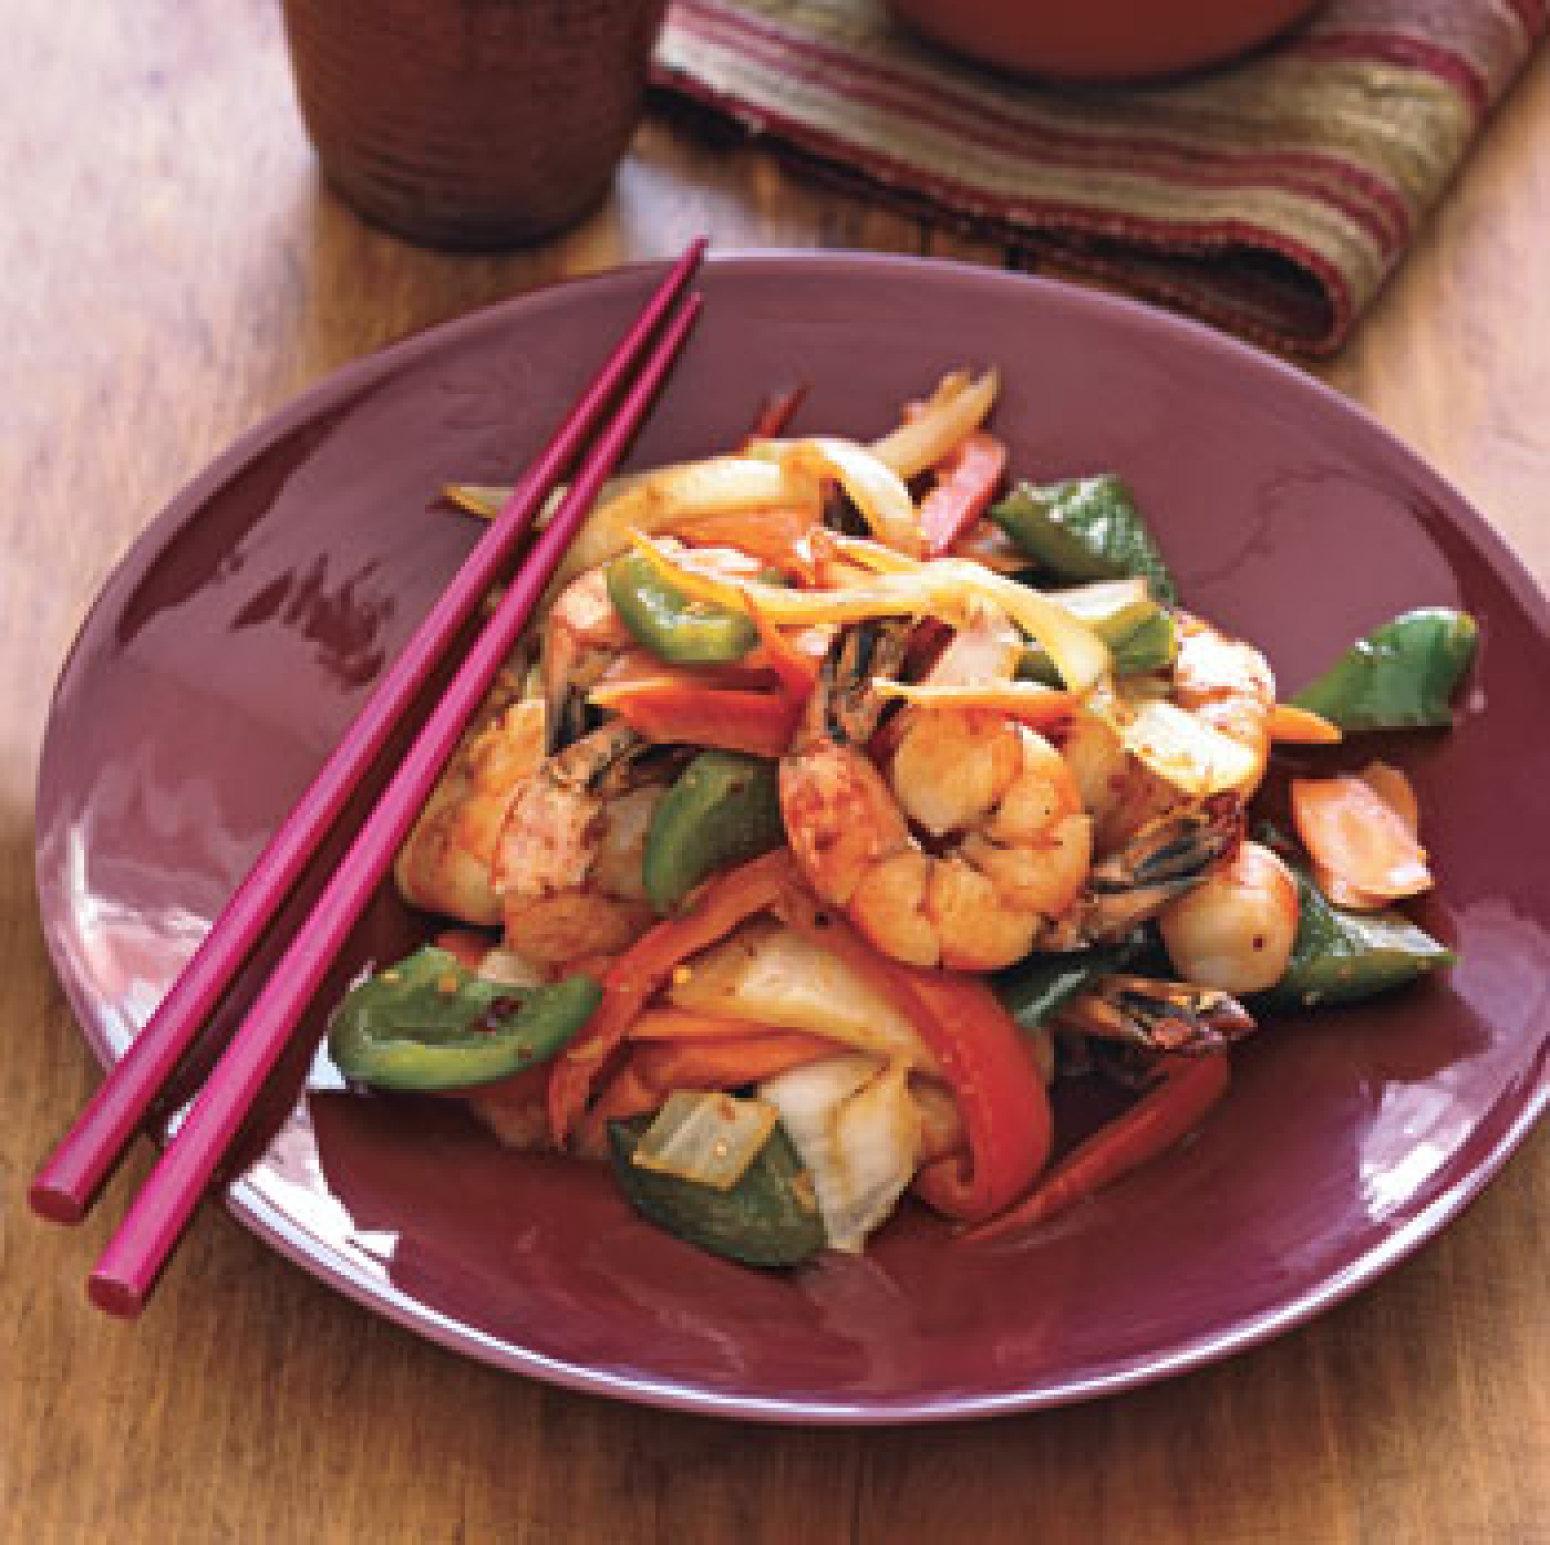 Spicy Shrimp Stir-Fry Recipe